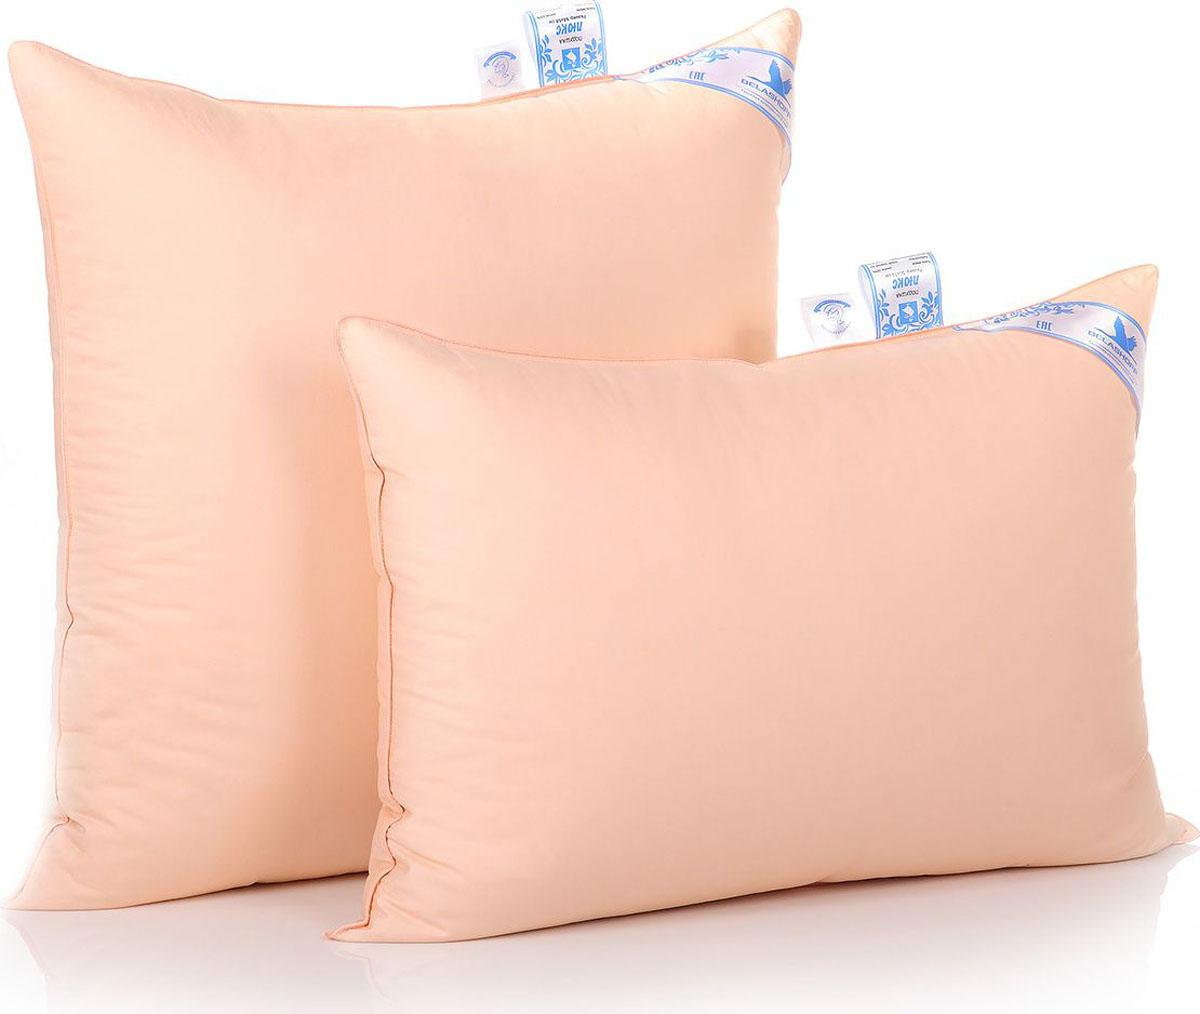 Belashoff Подушка Люкс, высокая, цвет персиковый 68 x 68 см